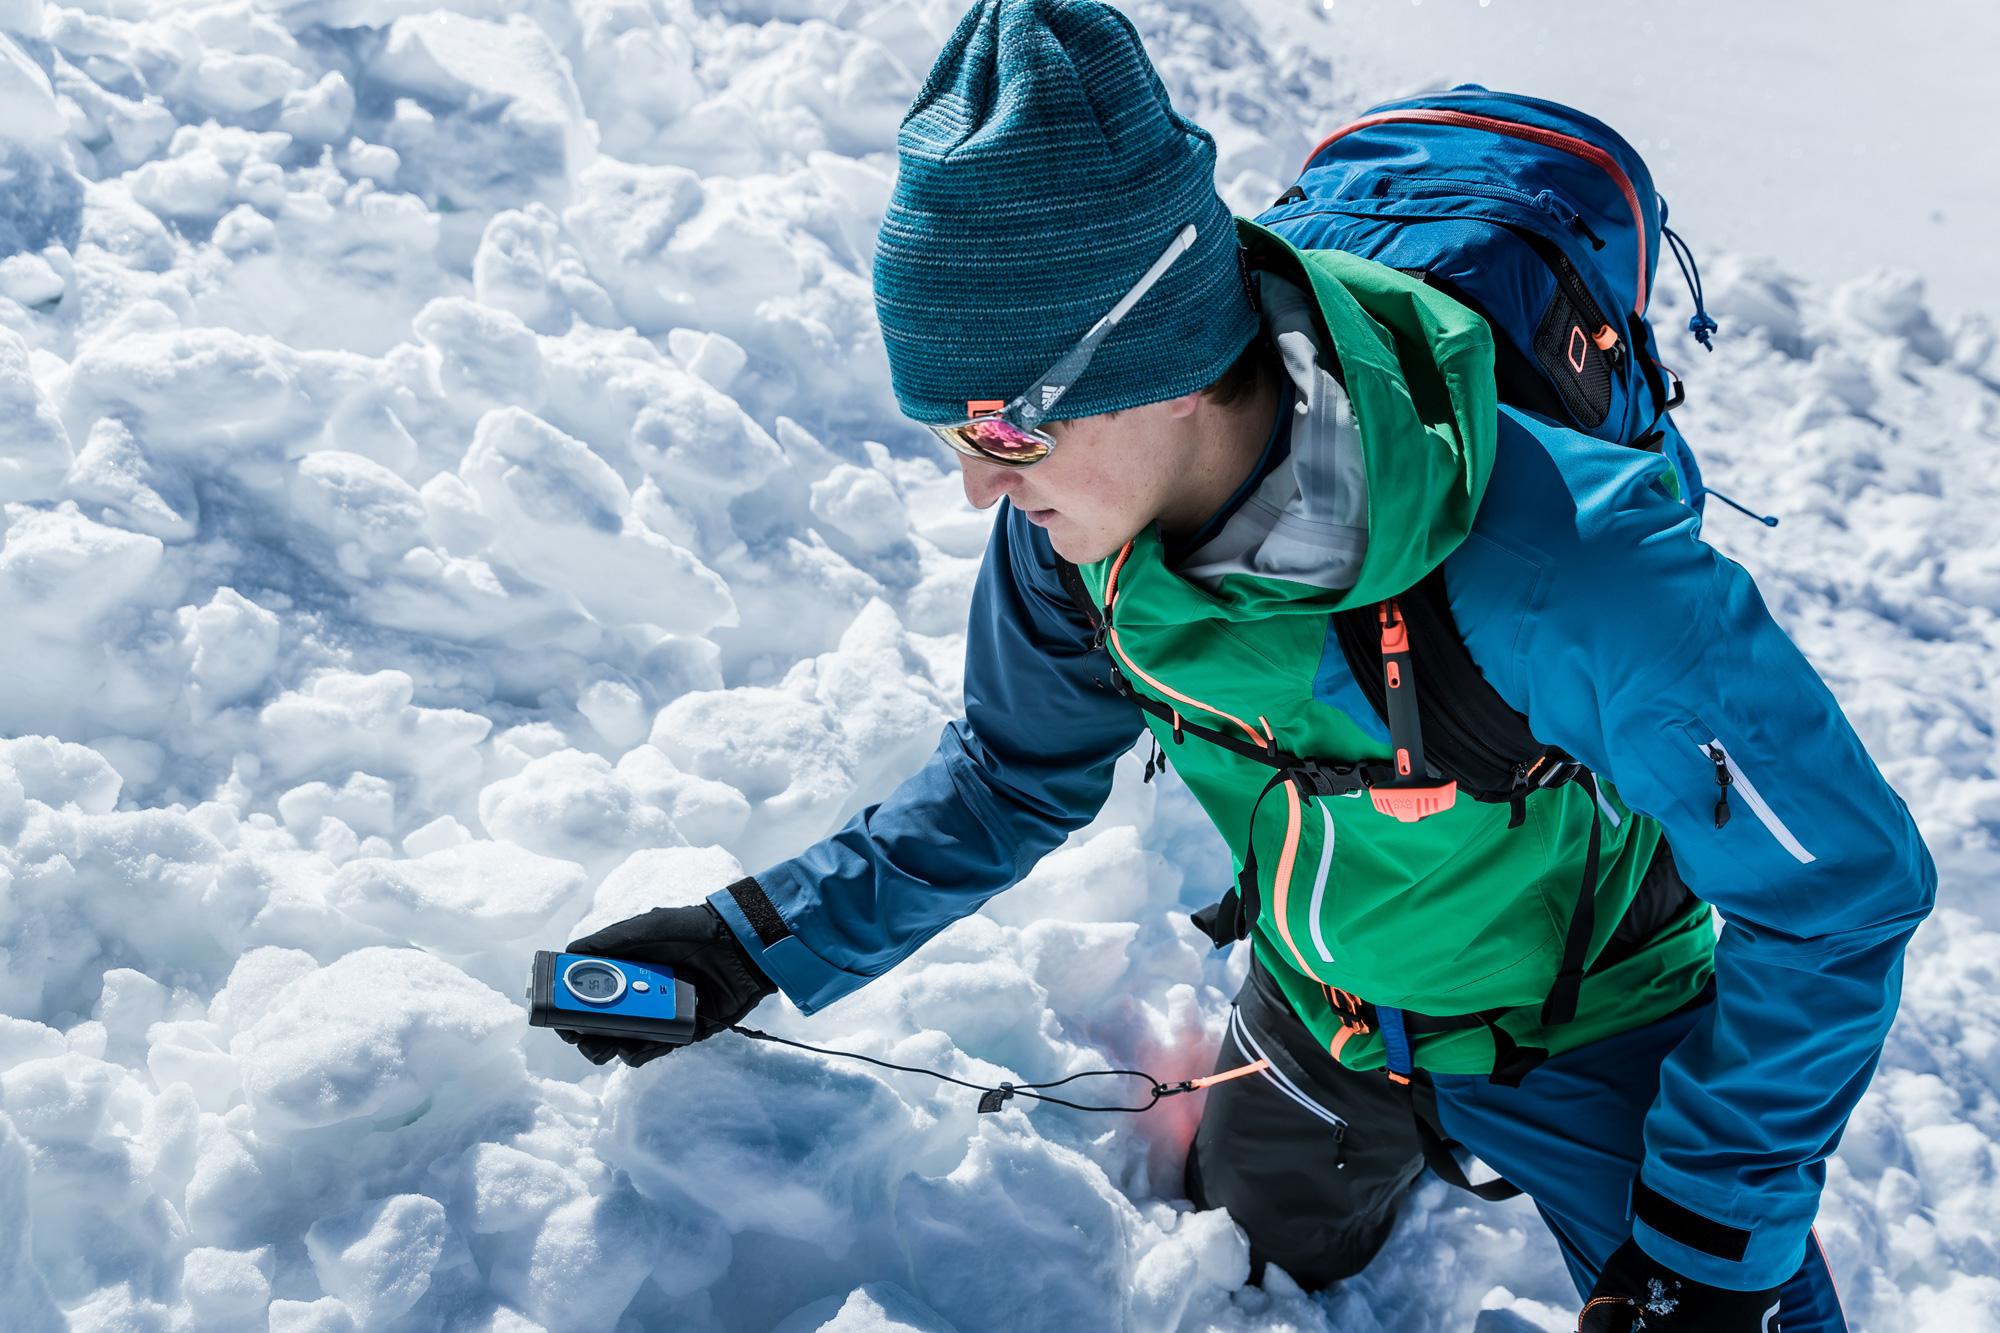 Avalanche transceiver fine search